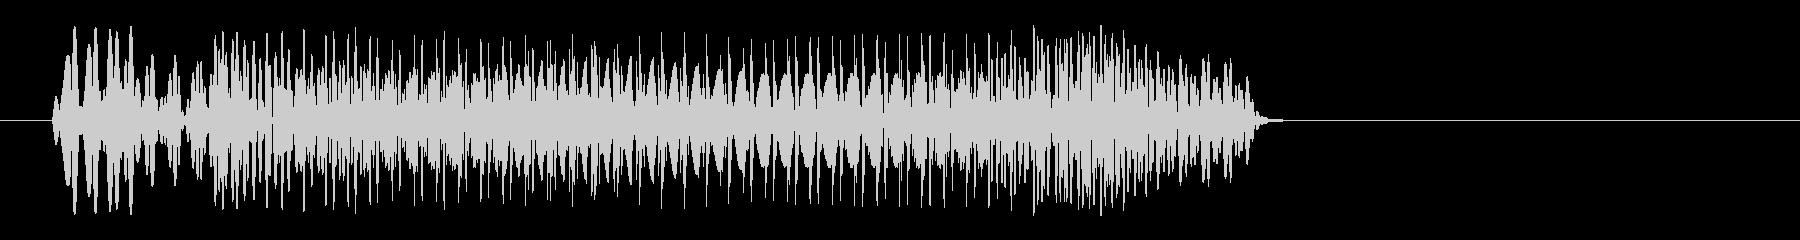 ポヨォ(コミカルな音)の未再生の波形